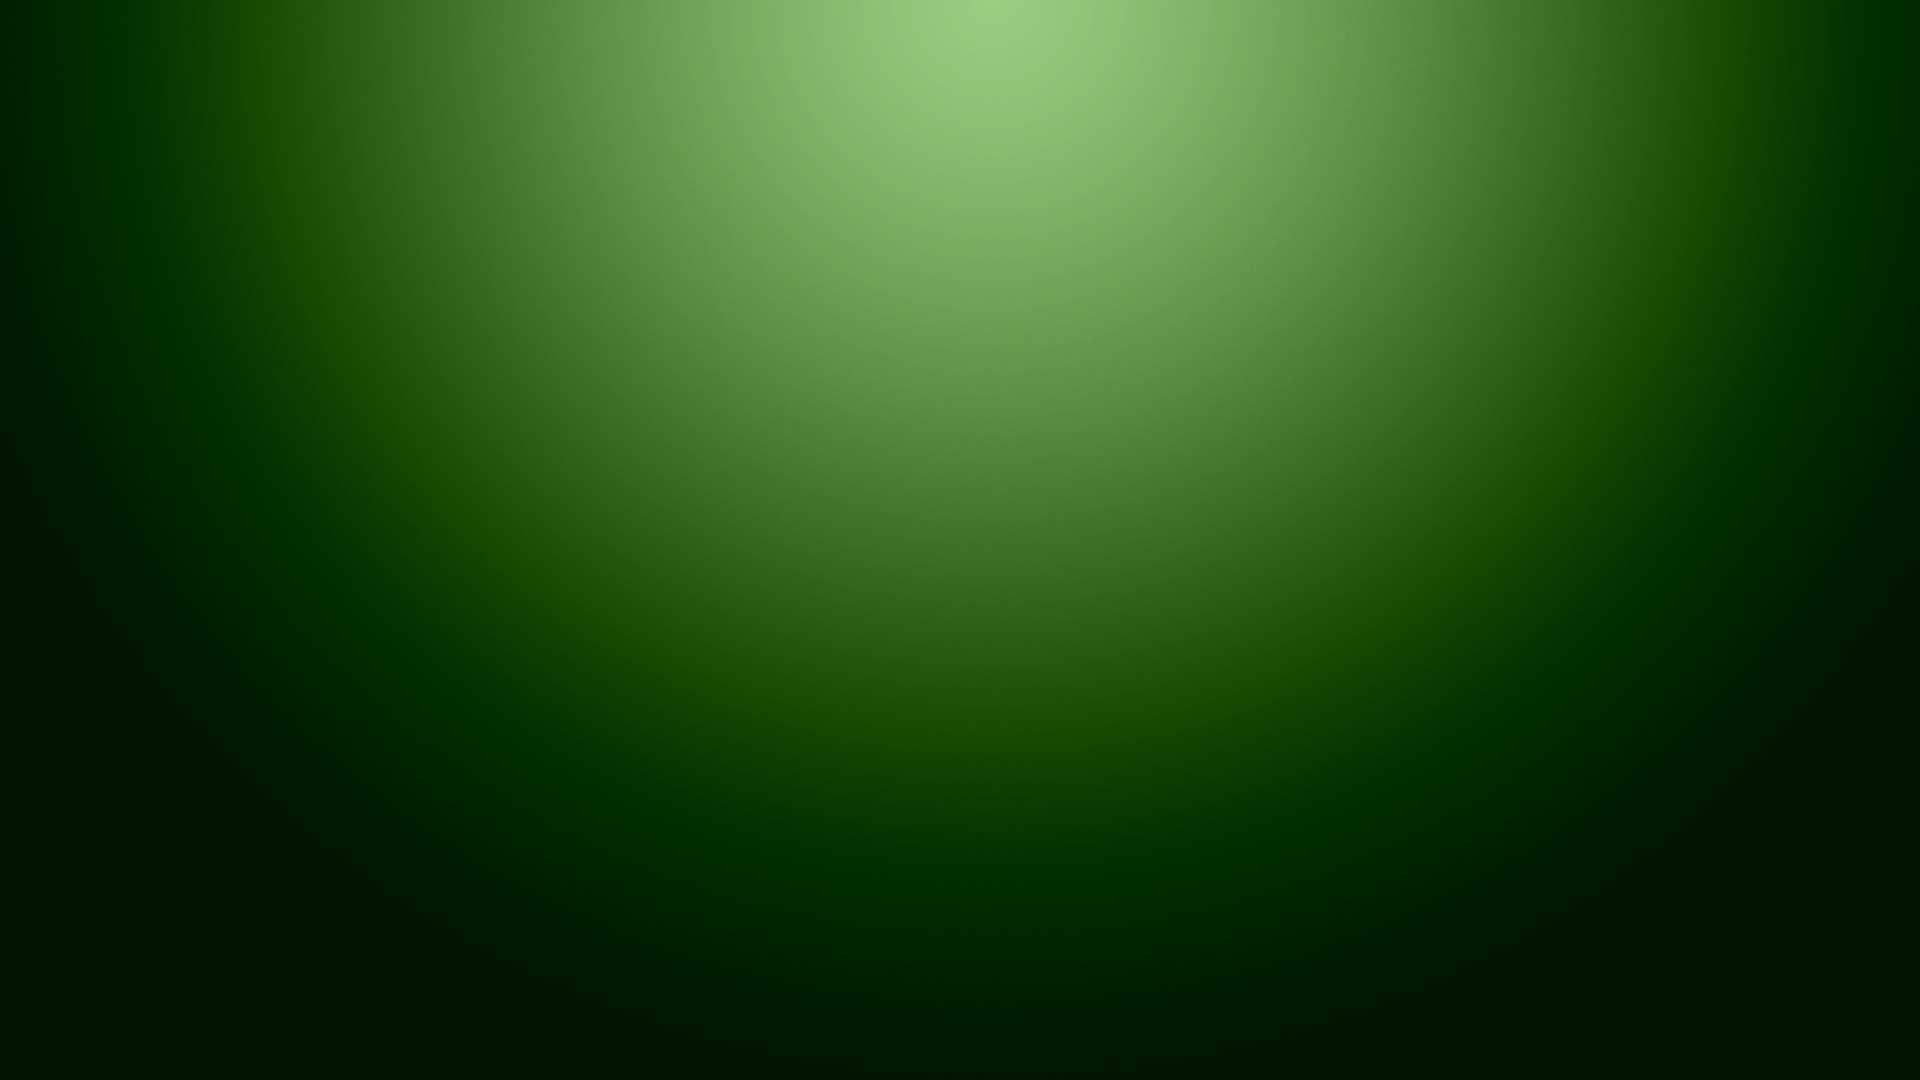 Farbverlauf3.jpg